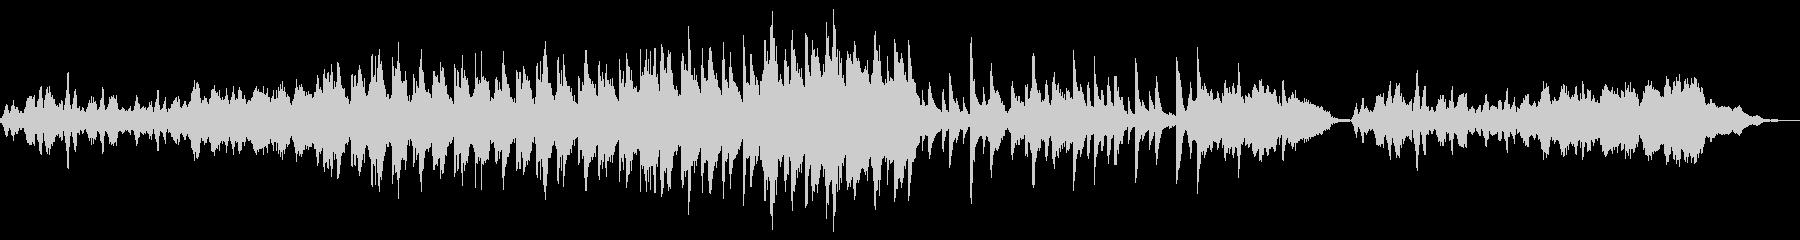 薄暗い雰囲気のBGMの未再生の波形